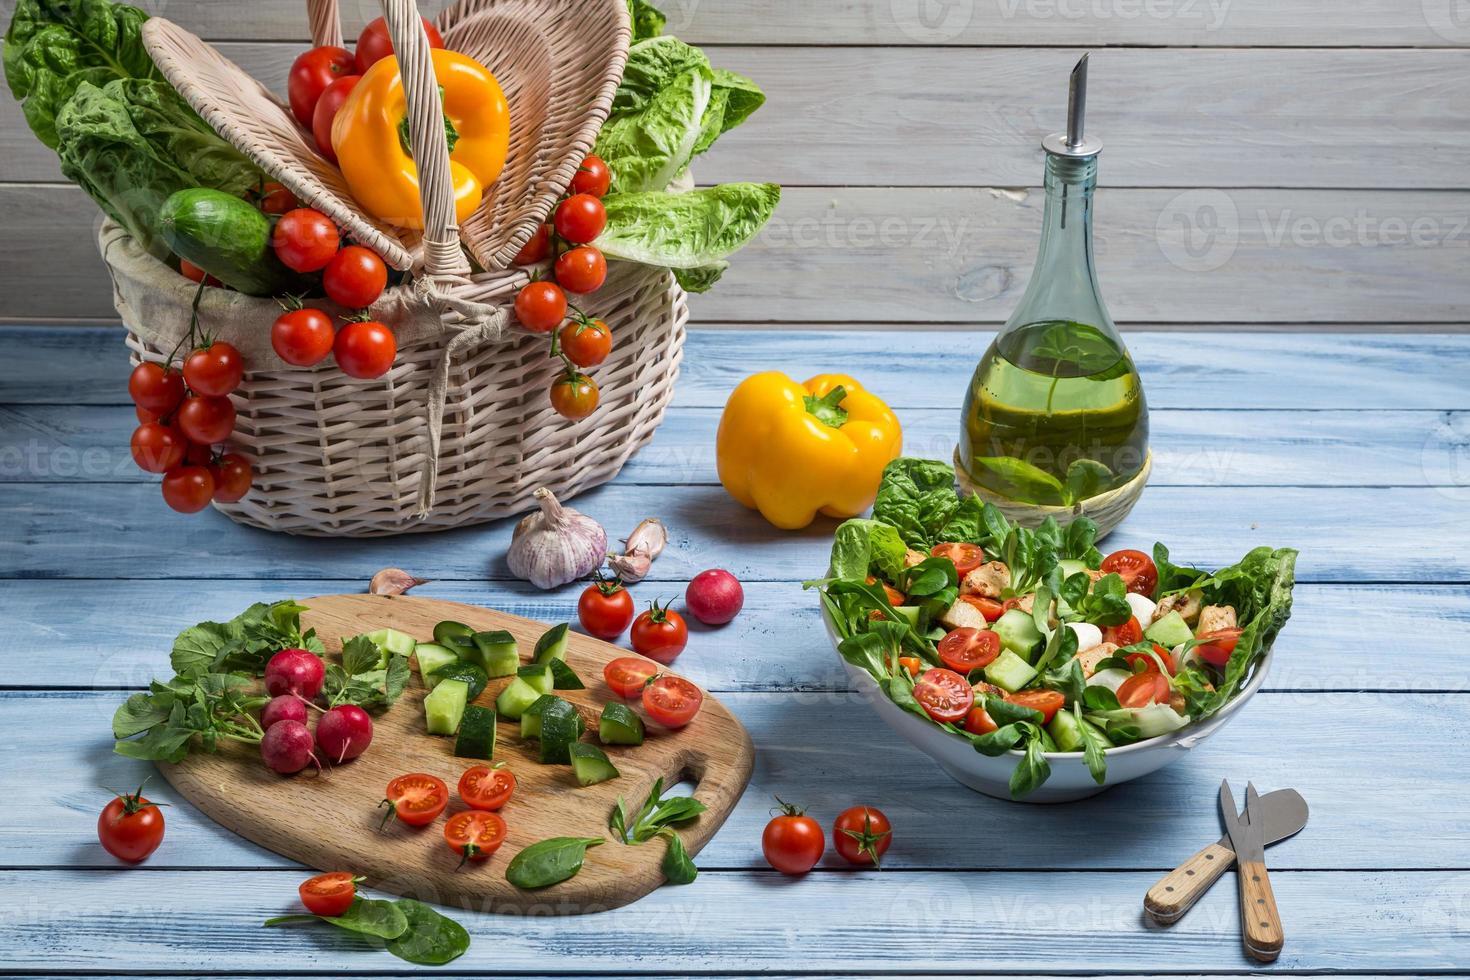 salada saudável feita com legumes frescos foto